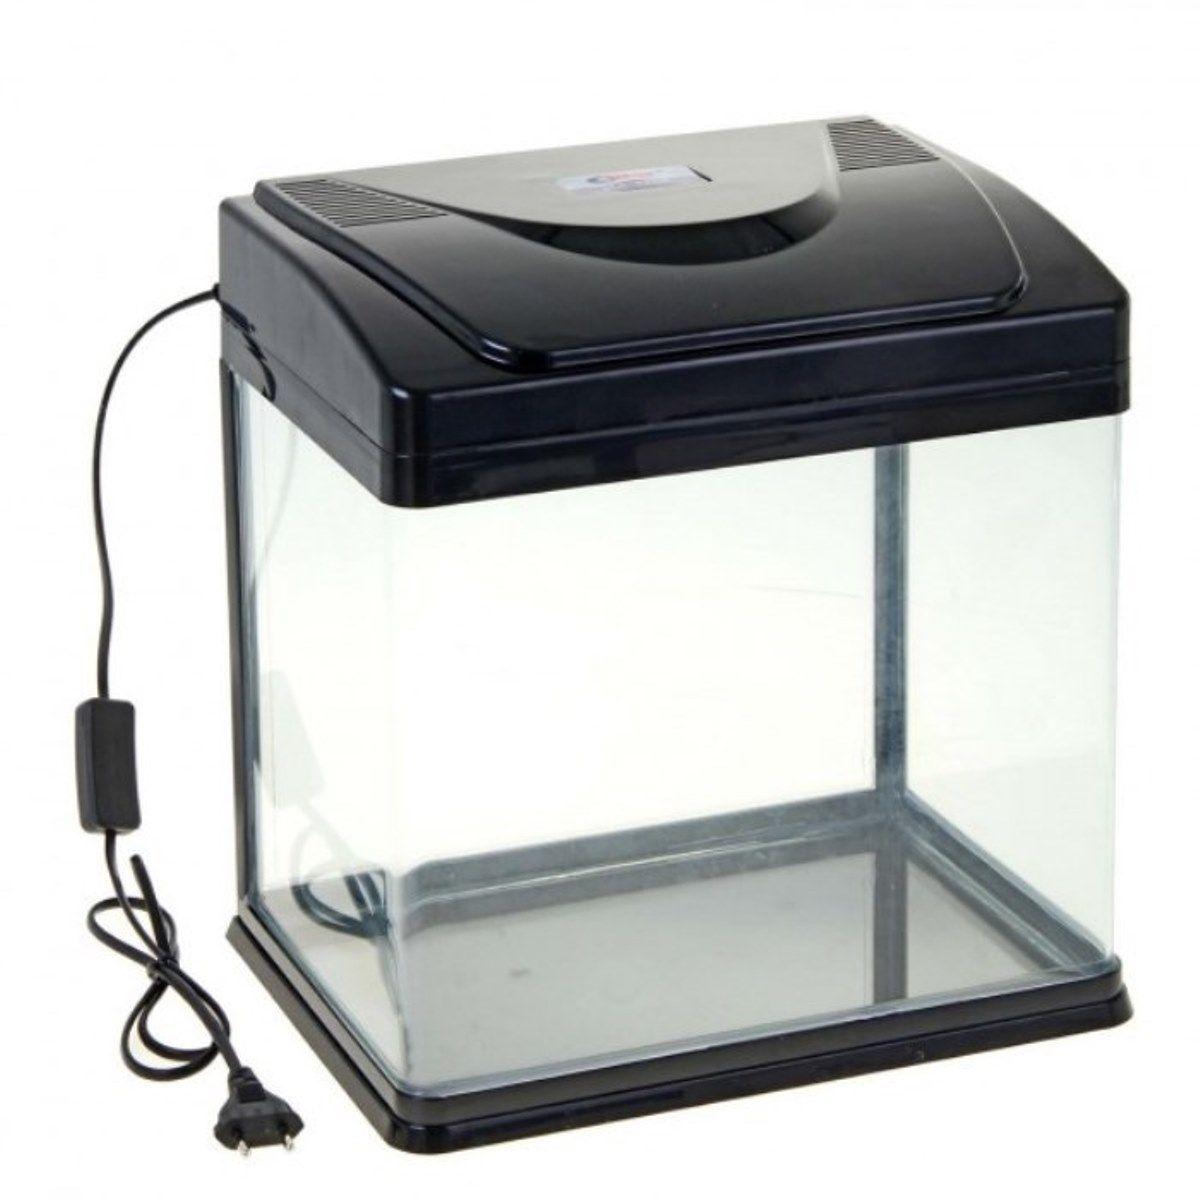 Аквариум Sea Star HX-320F, цвет: черный, 22 лHX-320F blackСветодиодная подсветка и встроенный фильтр. Как выбрать аквариум и как за ним ухаживать – статья на OZON Гид.